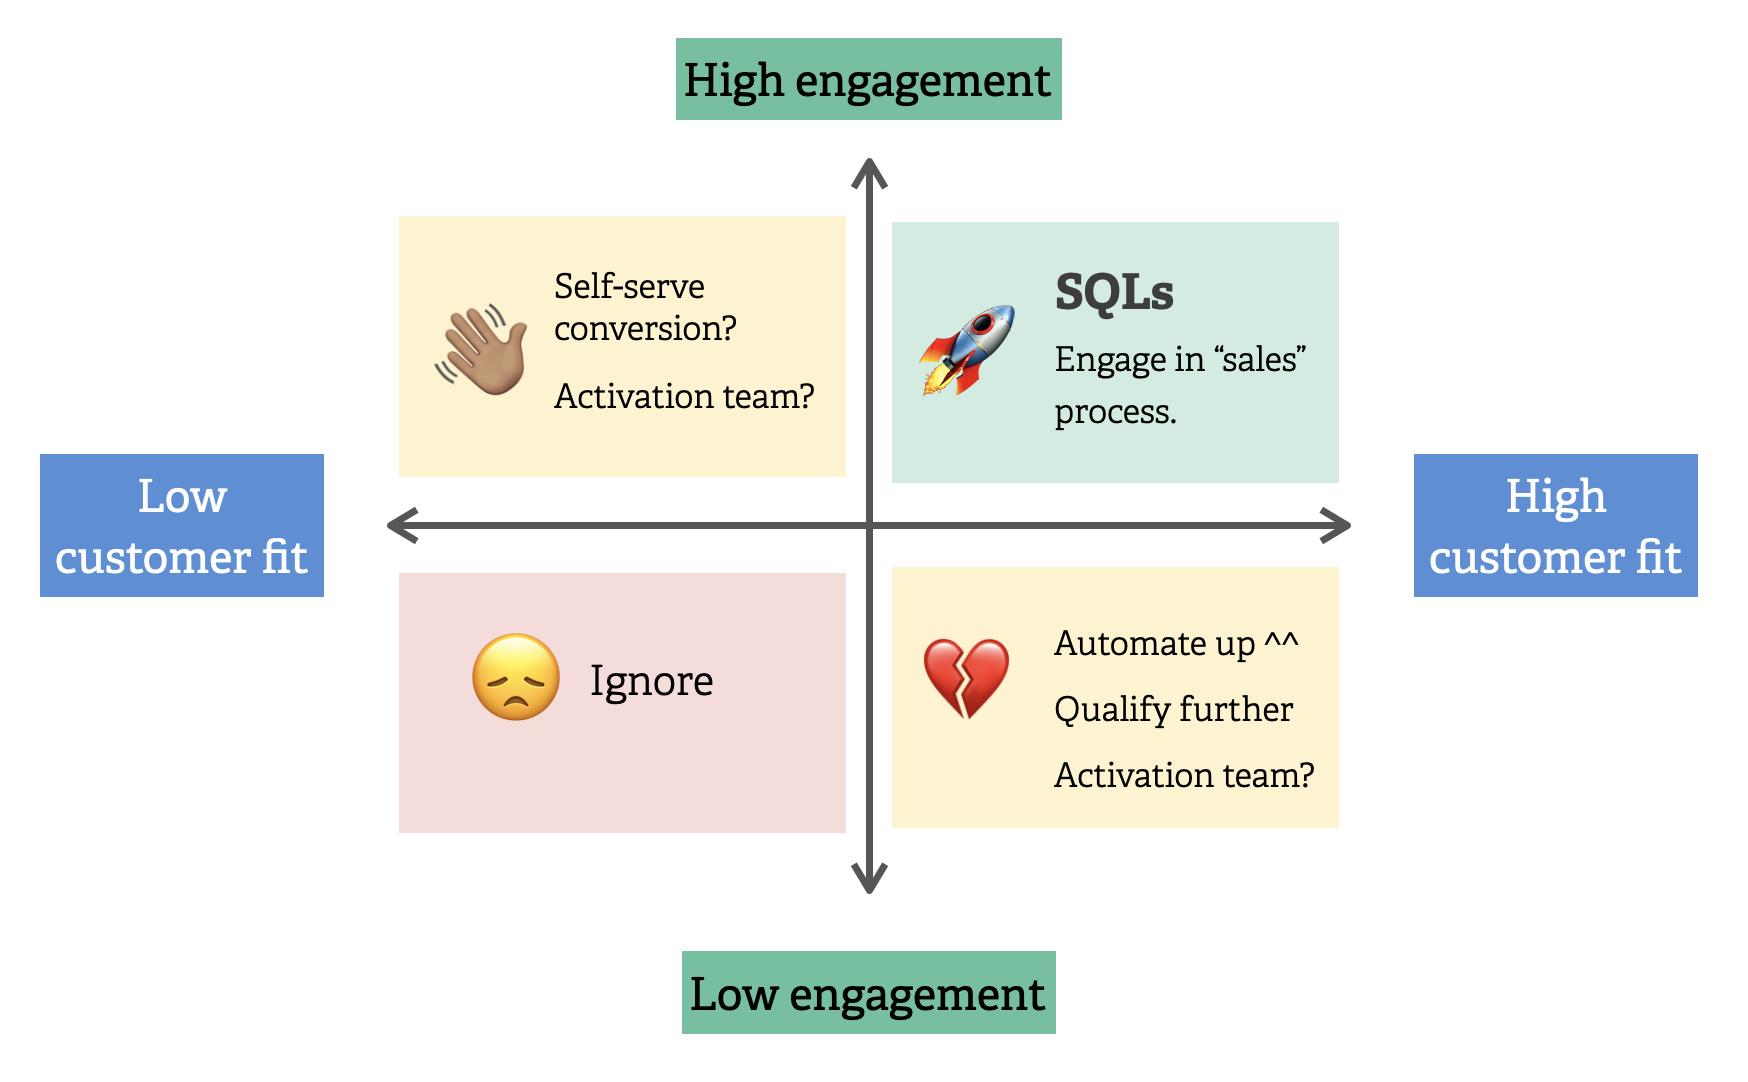 Product-led qualification matrix